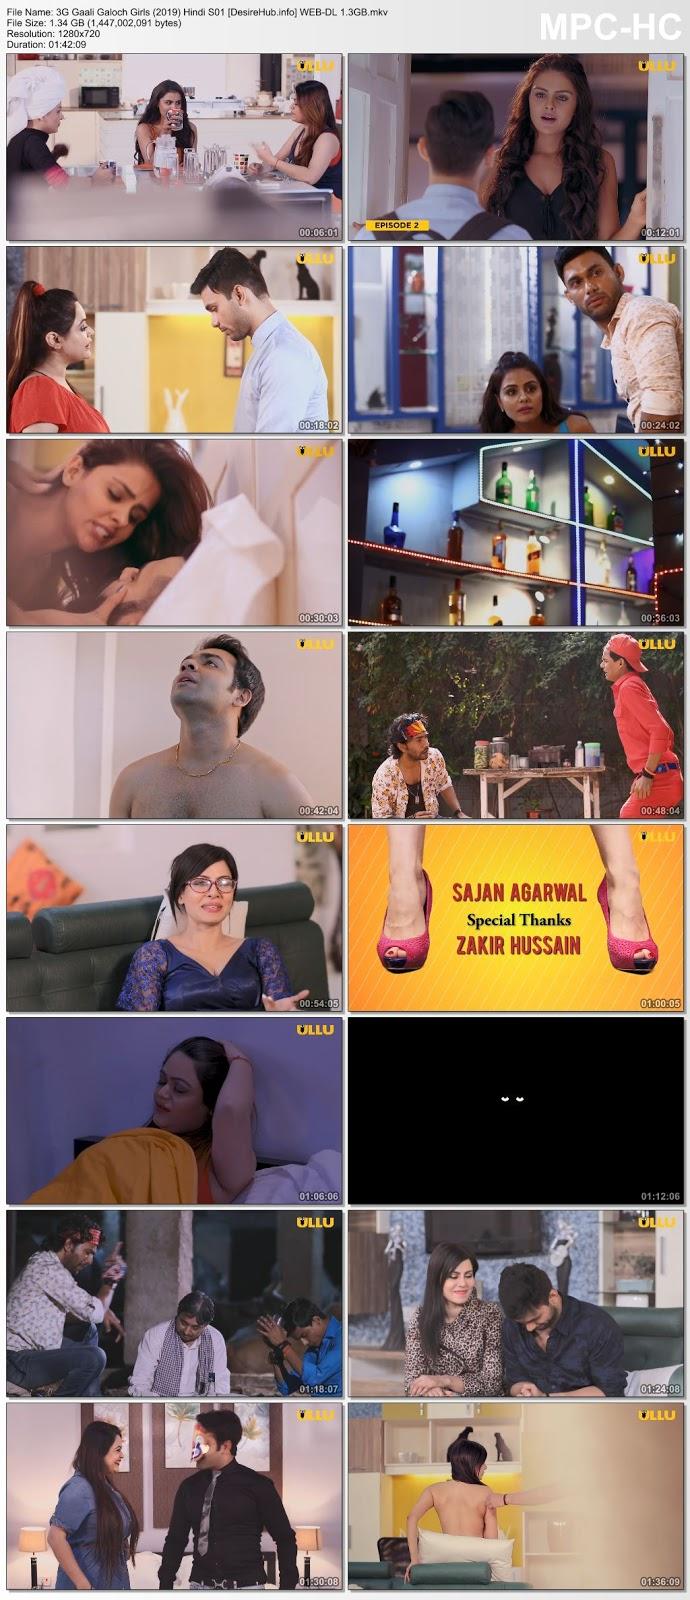 3G Gaali Galoch Girls (2019) Complete S01 Hindi 720p WEB-DL 1.3GB Desirehub